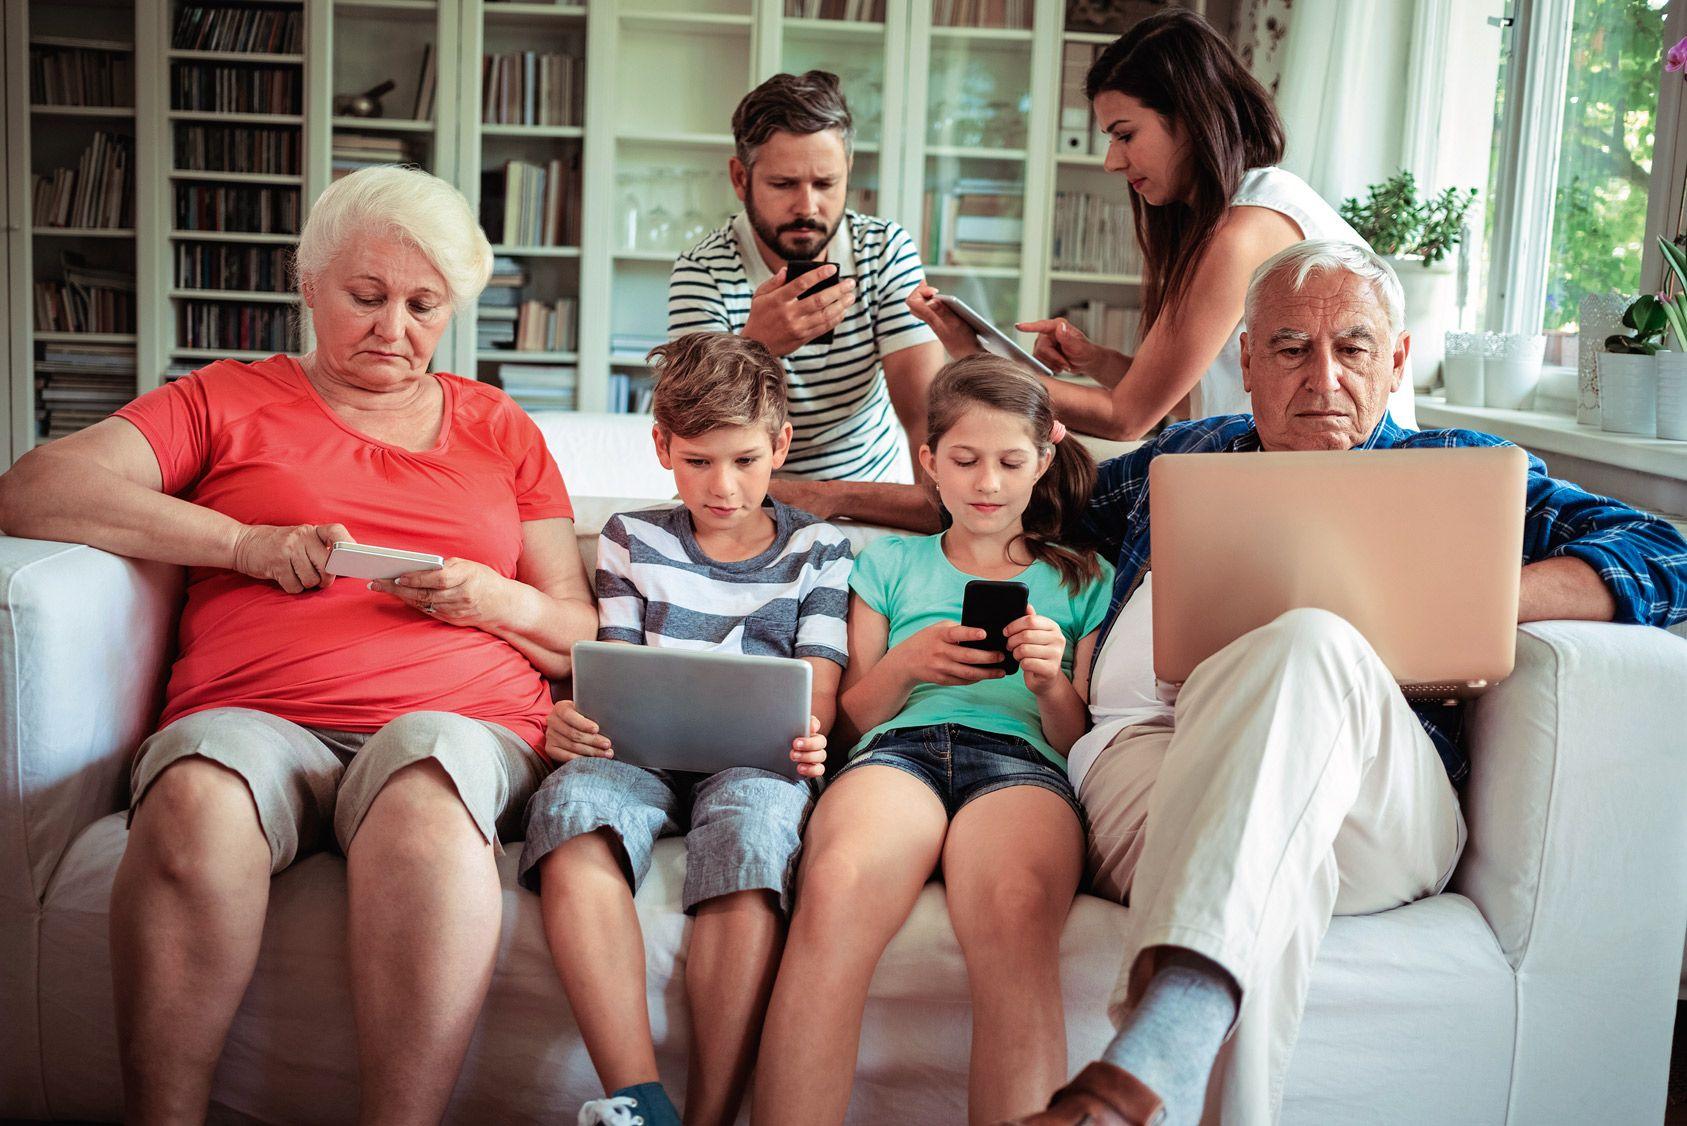 Intoxication numérique: en finir avec l'addiction